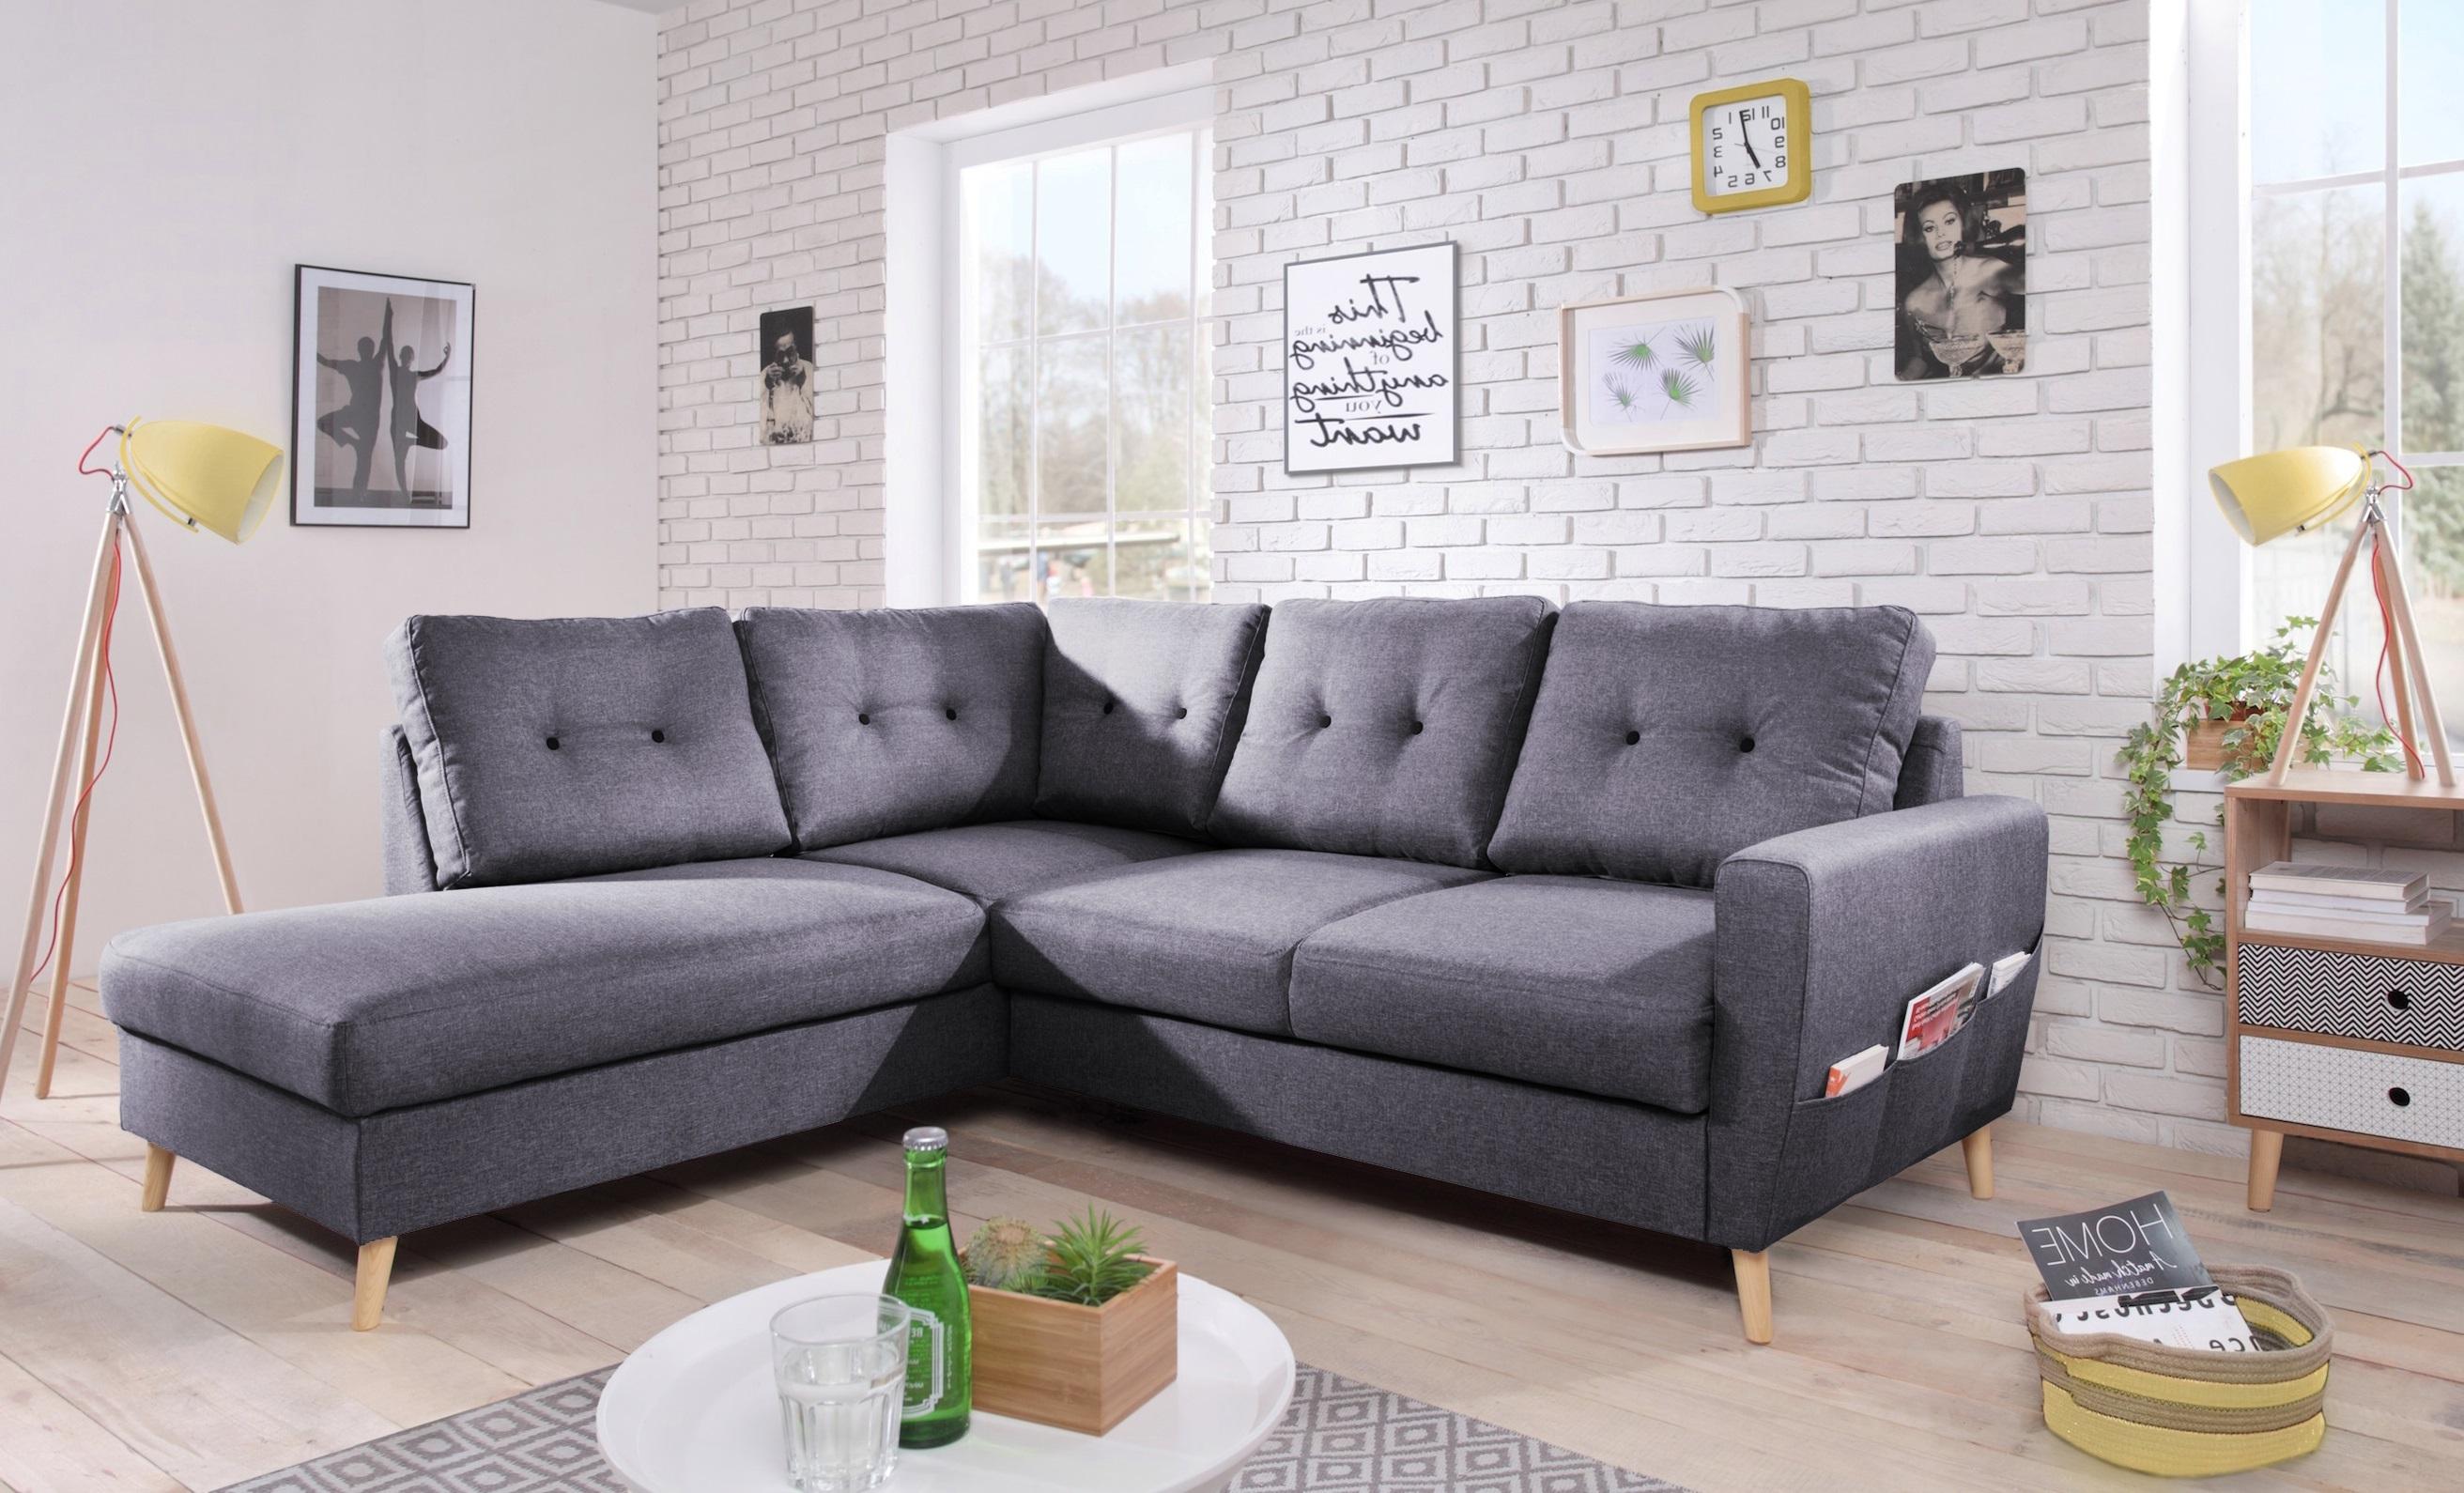 bobochic canap scandi 6 places fixe angle gauche gris fonc 198cm x 90cm x 239cm. Black Bedroom Furniture Sets. Home Design Ideas